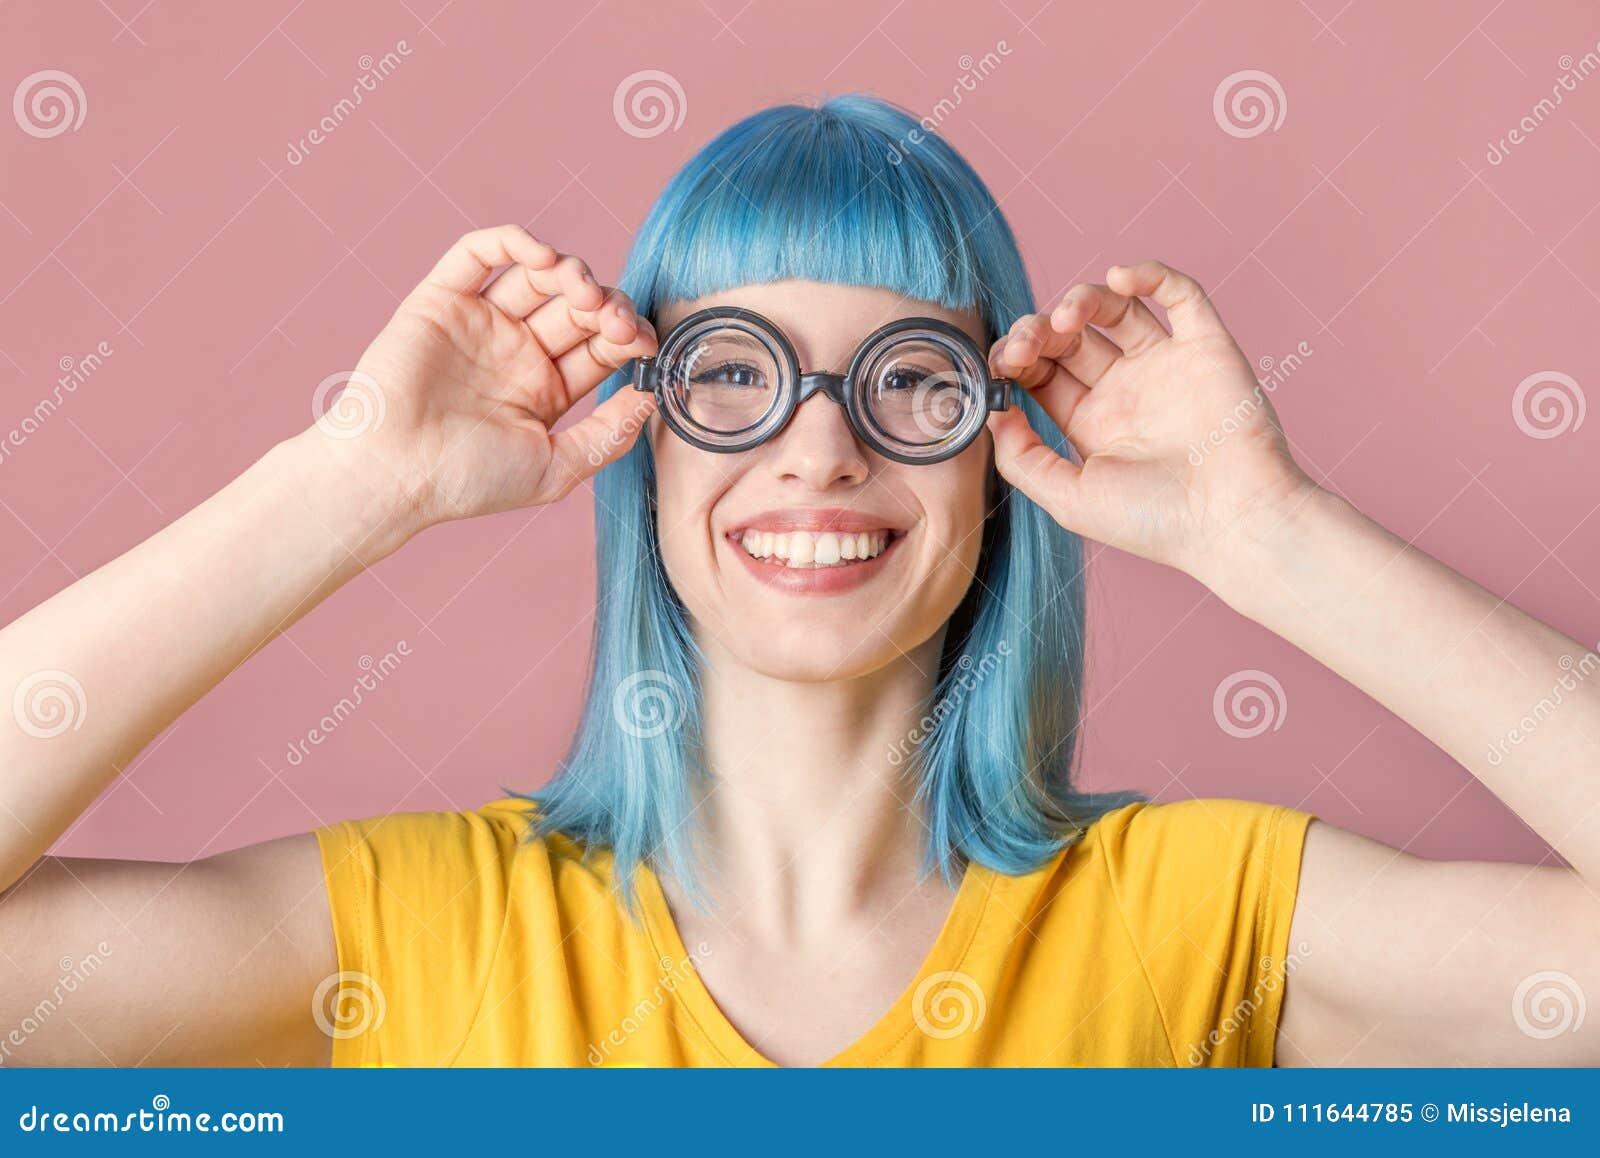 Jonge vrouw met grappige glazen